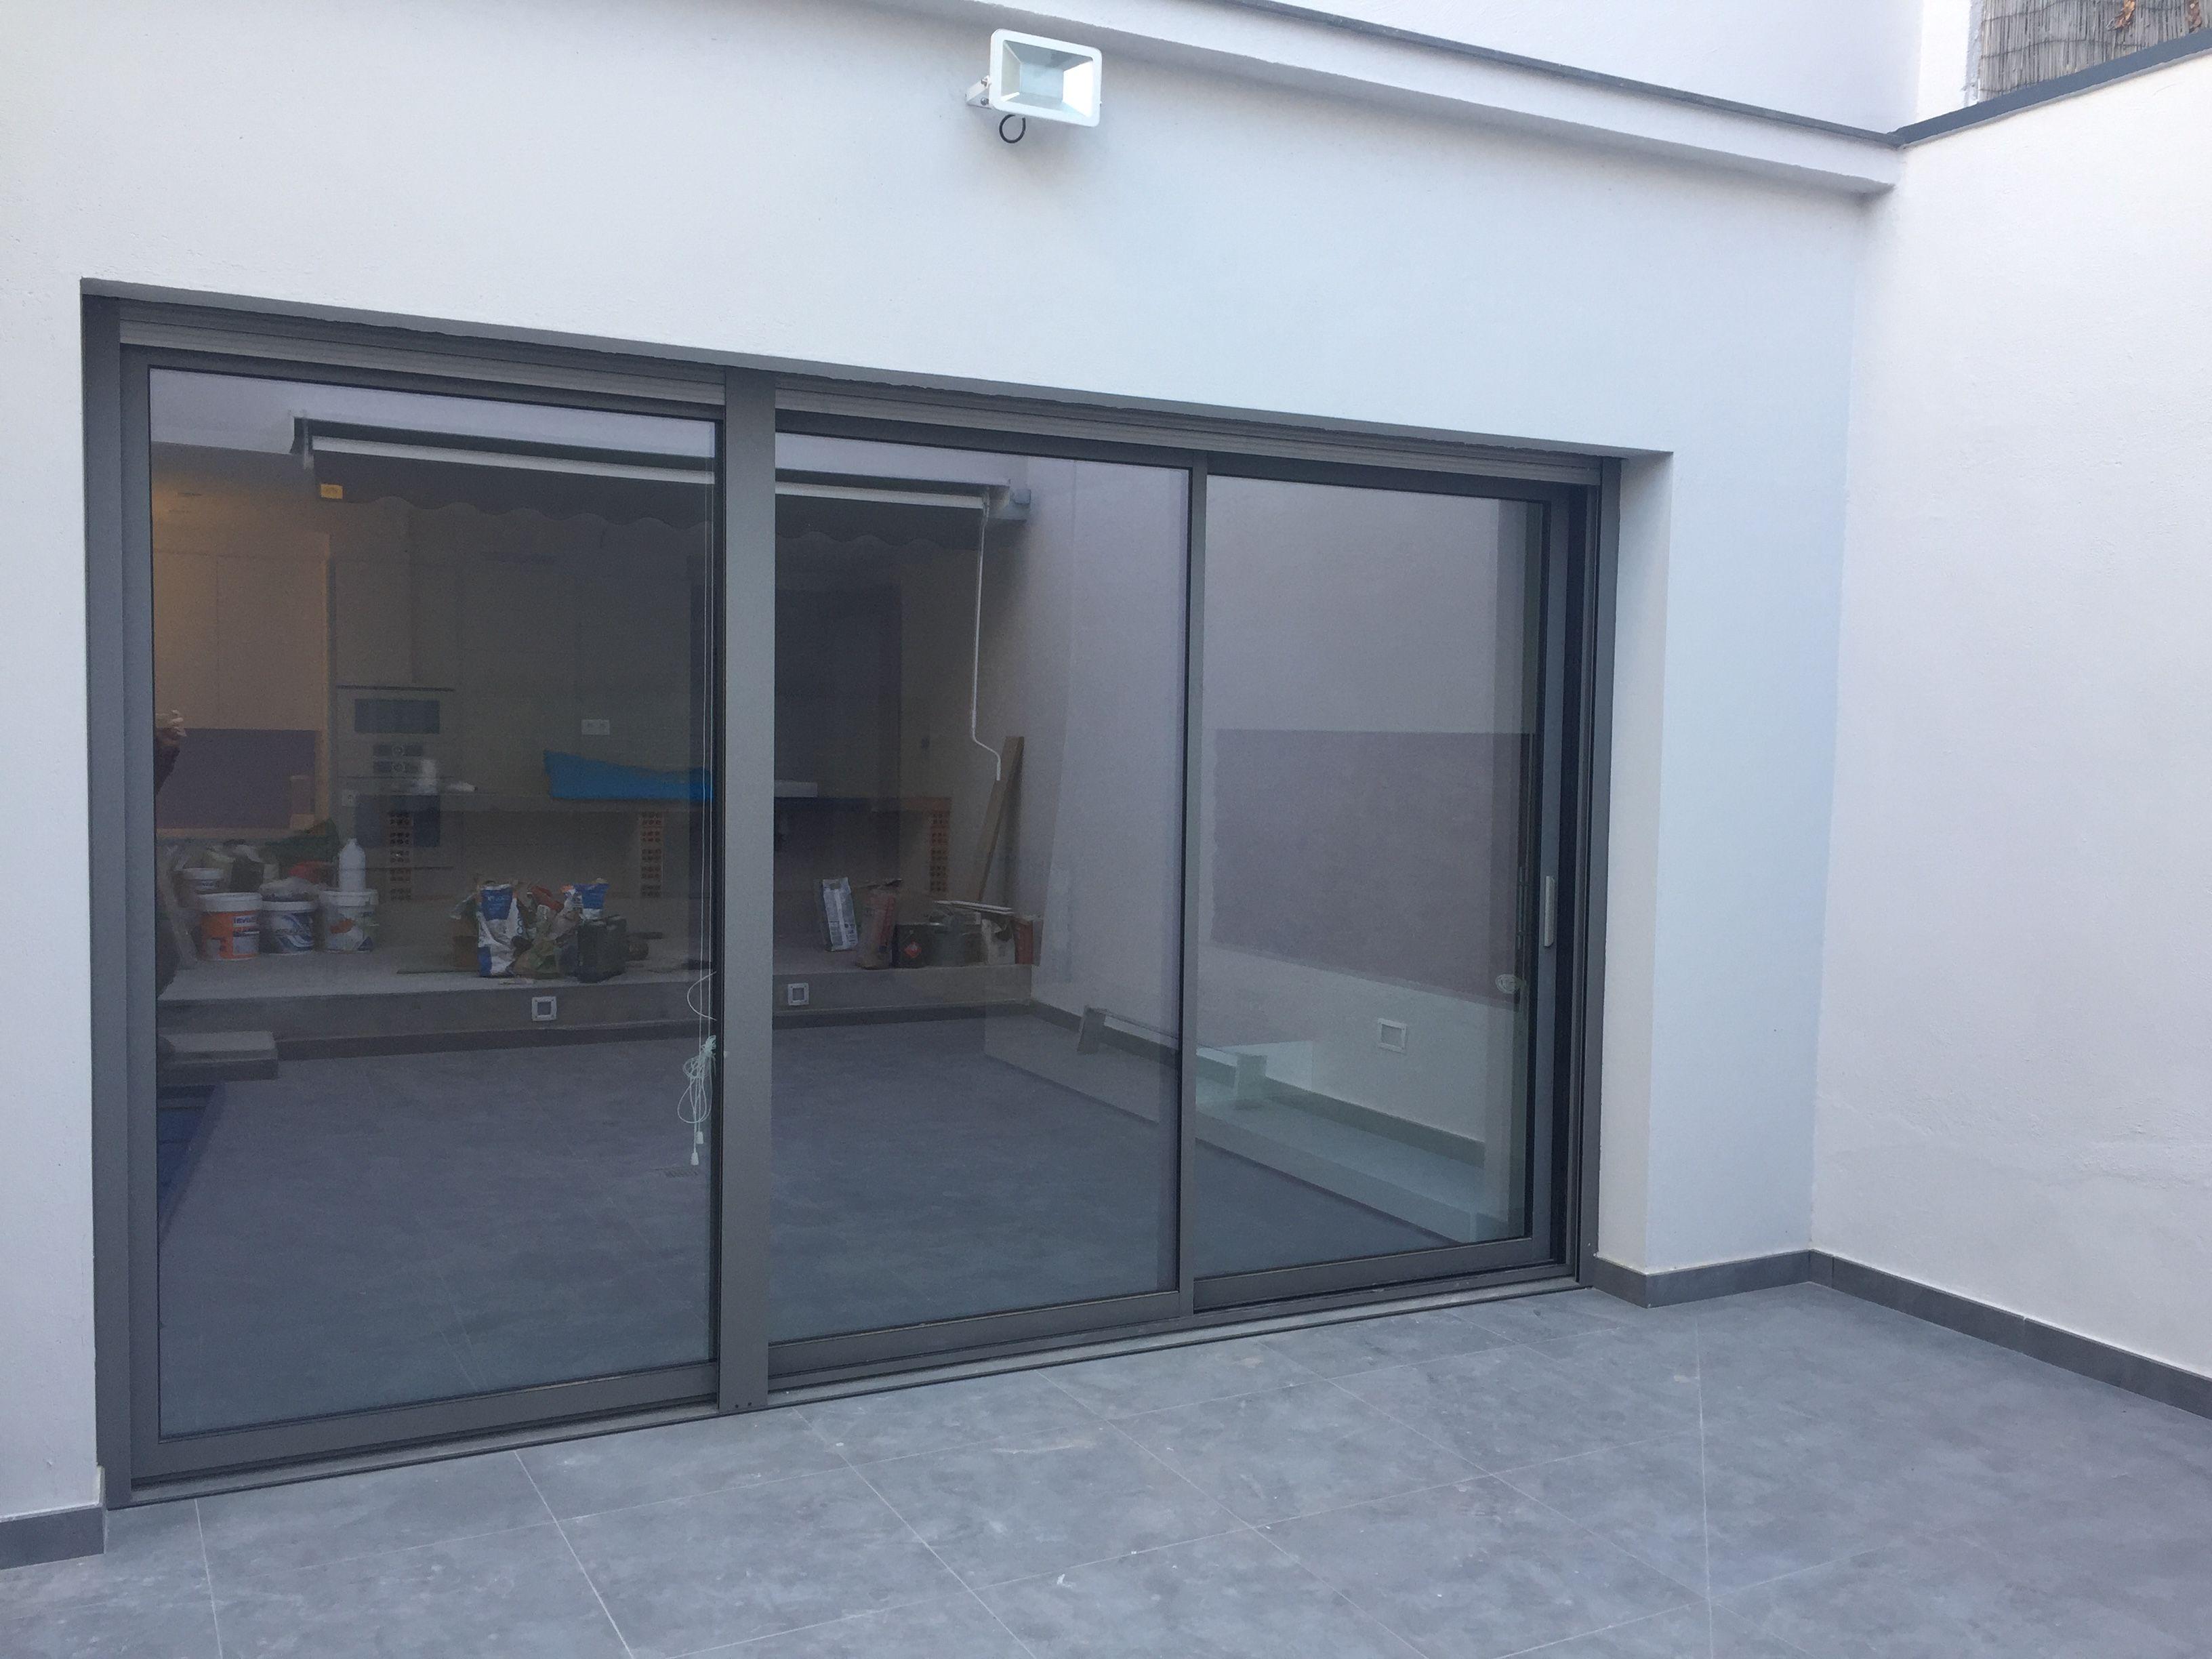 Foto 14 de Carpintería de aluminio, metálica y PVC en Terrassa | Tancaments Cusidó